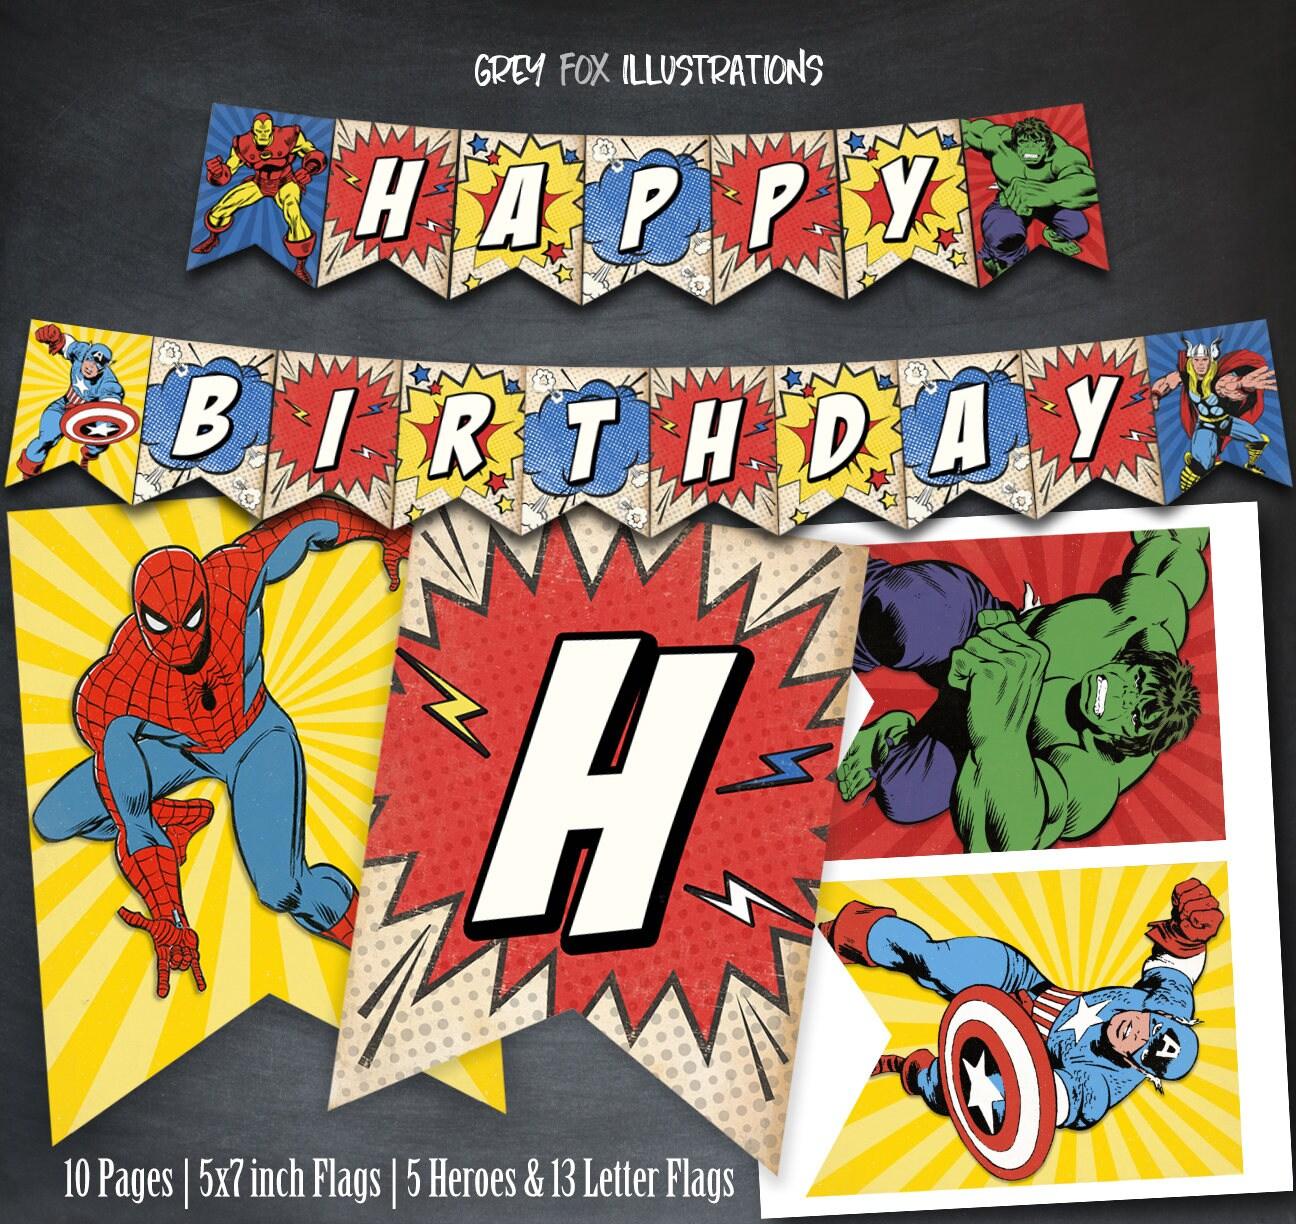 окончанию поздравления в стиле комиксов на день рождения более распространен отлов